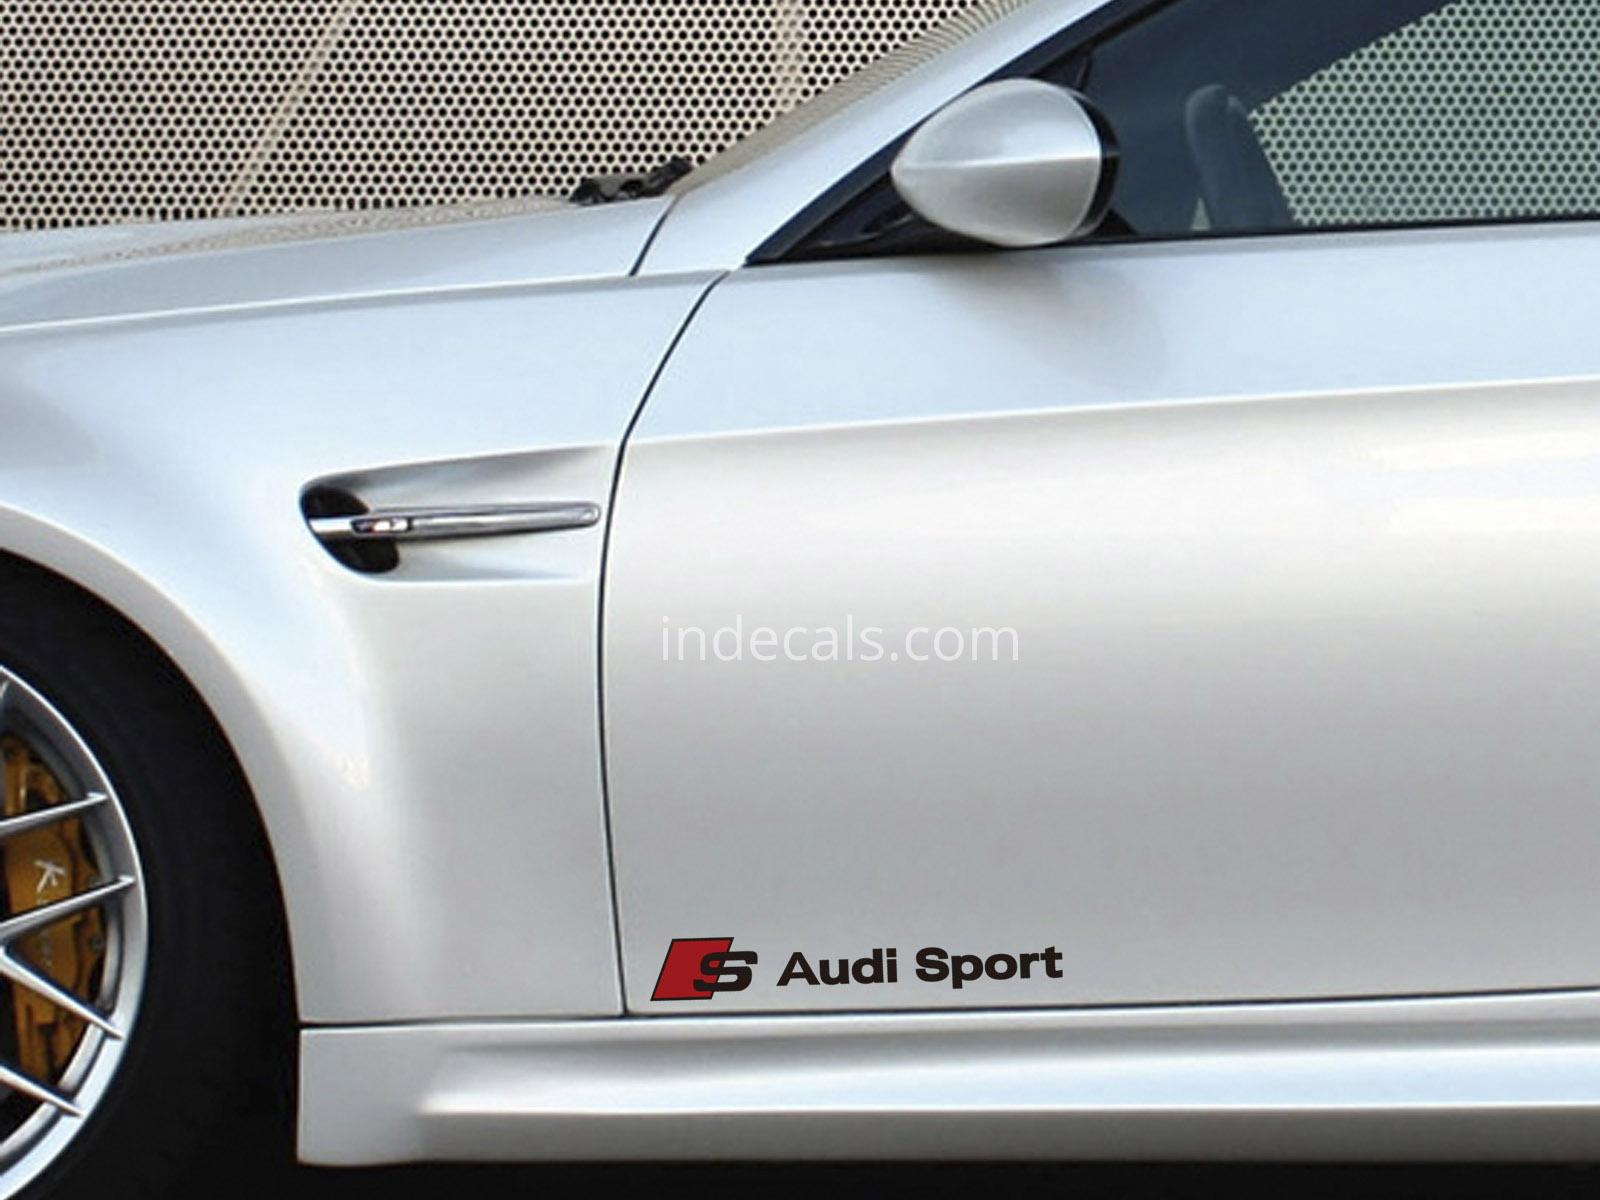 Audi Stickers Decals Indecals Com